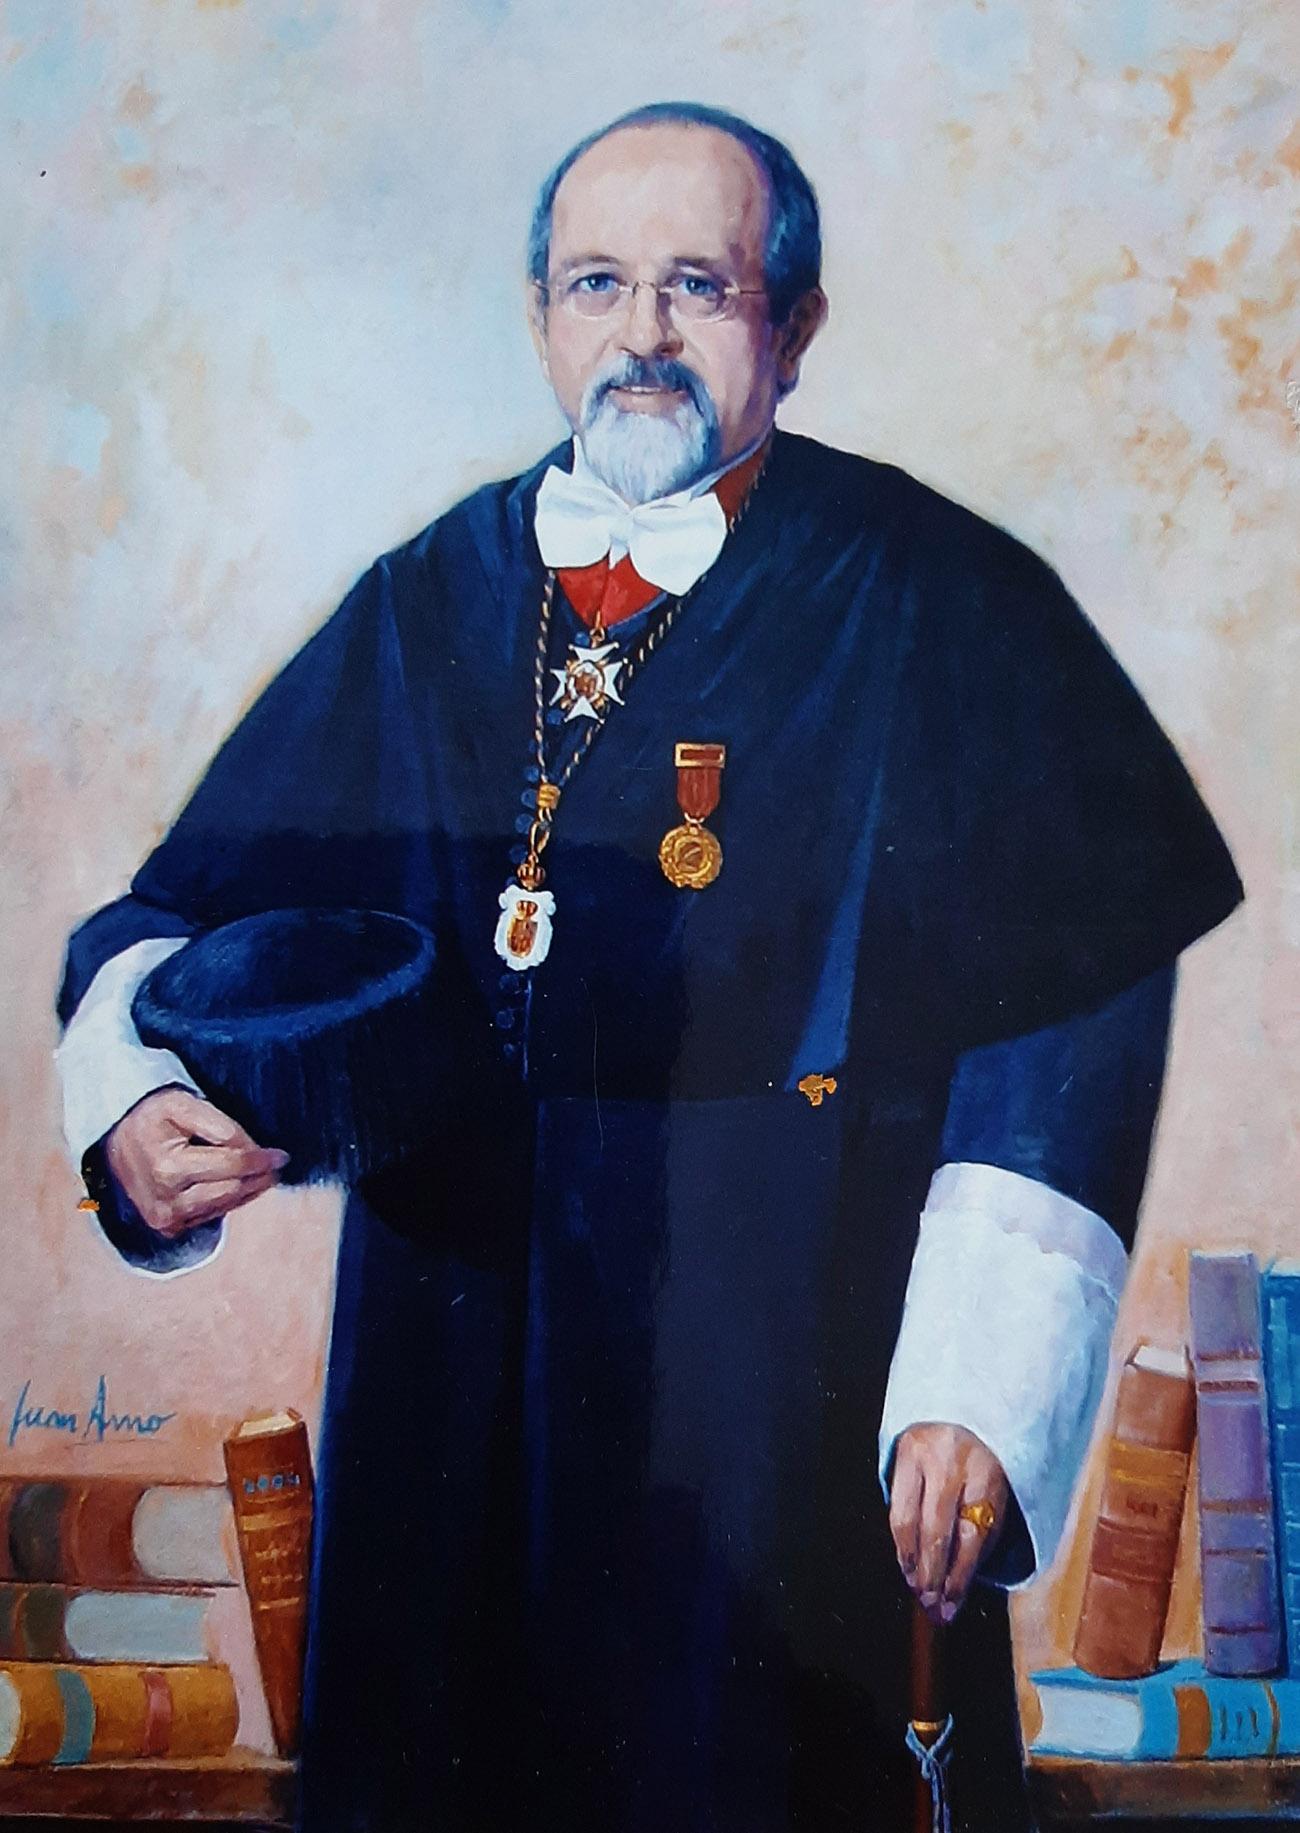 LUIS ARROYO ZAPATERO. RECTOR HONORARIO UCLM. Óleo de Juan Amo. Rectorado Universidad Castilla - La Mancha. Ciudad Real.